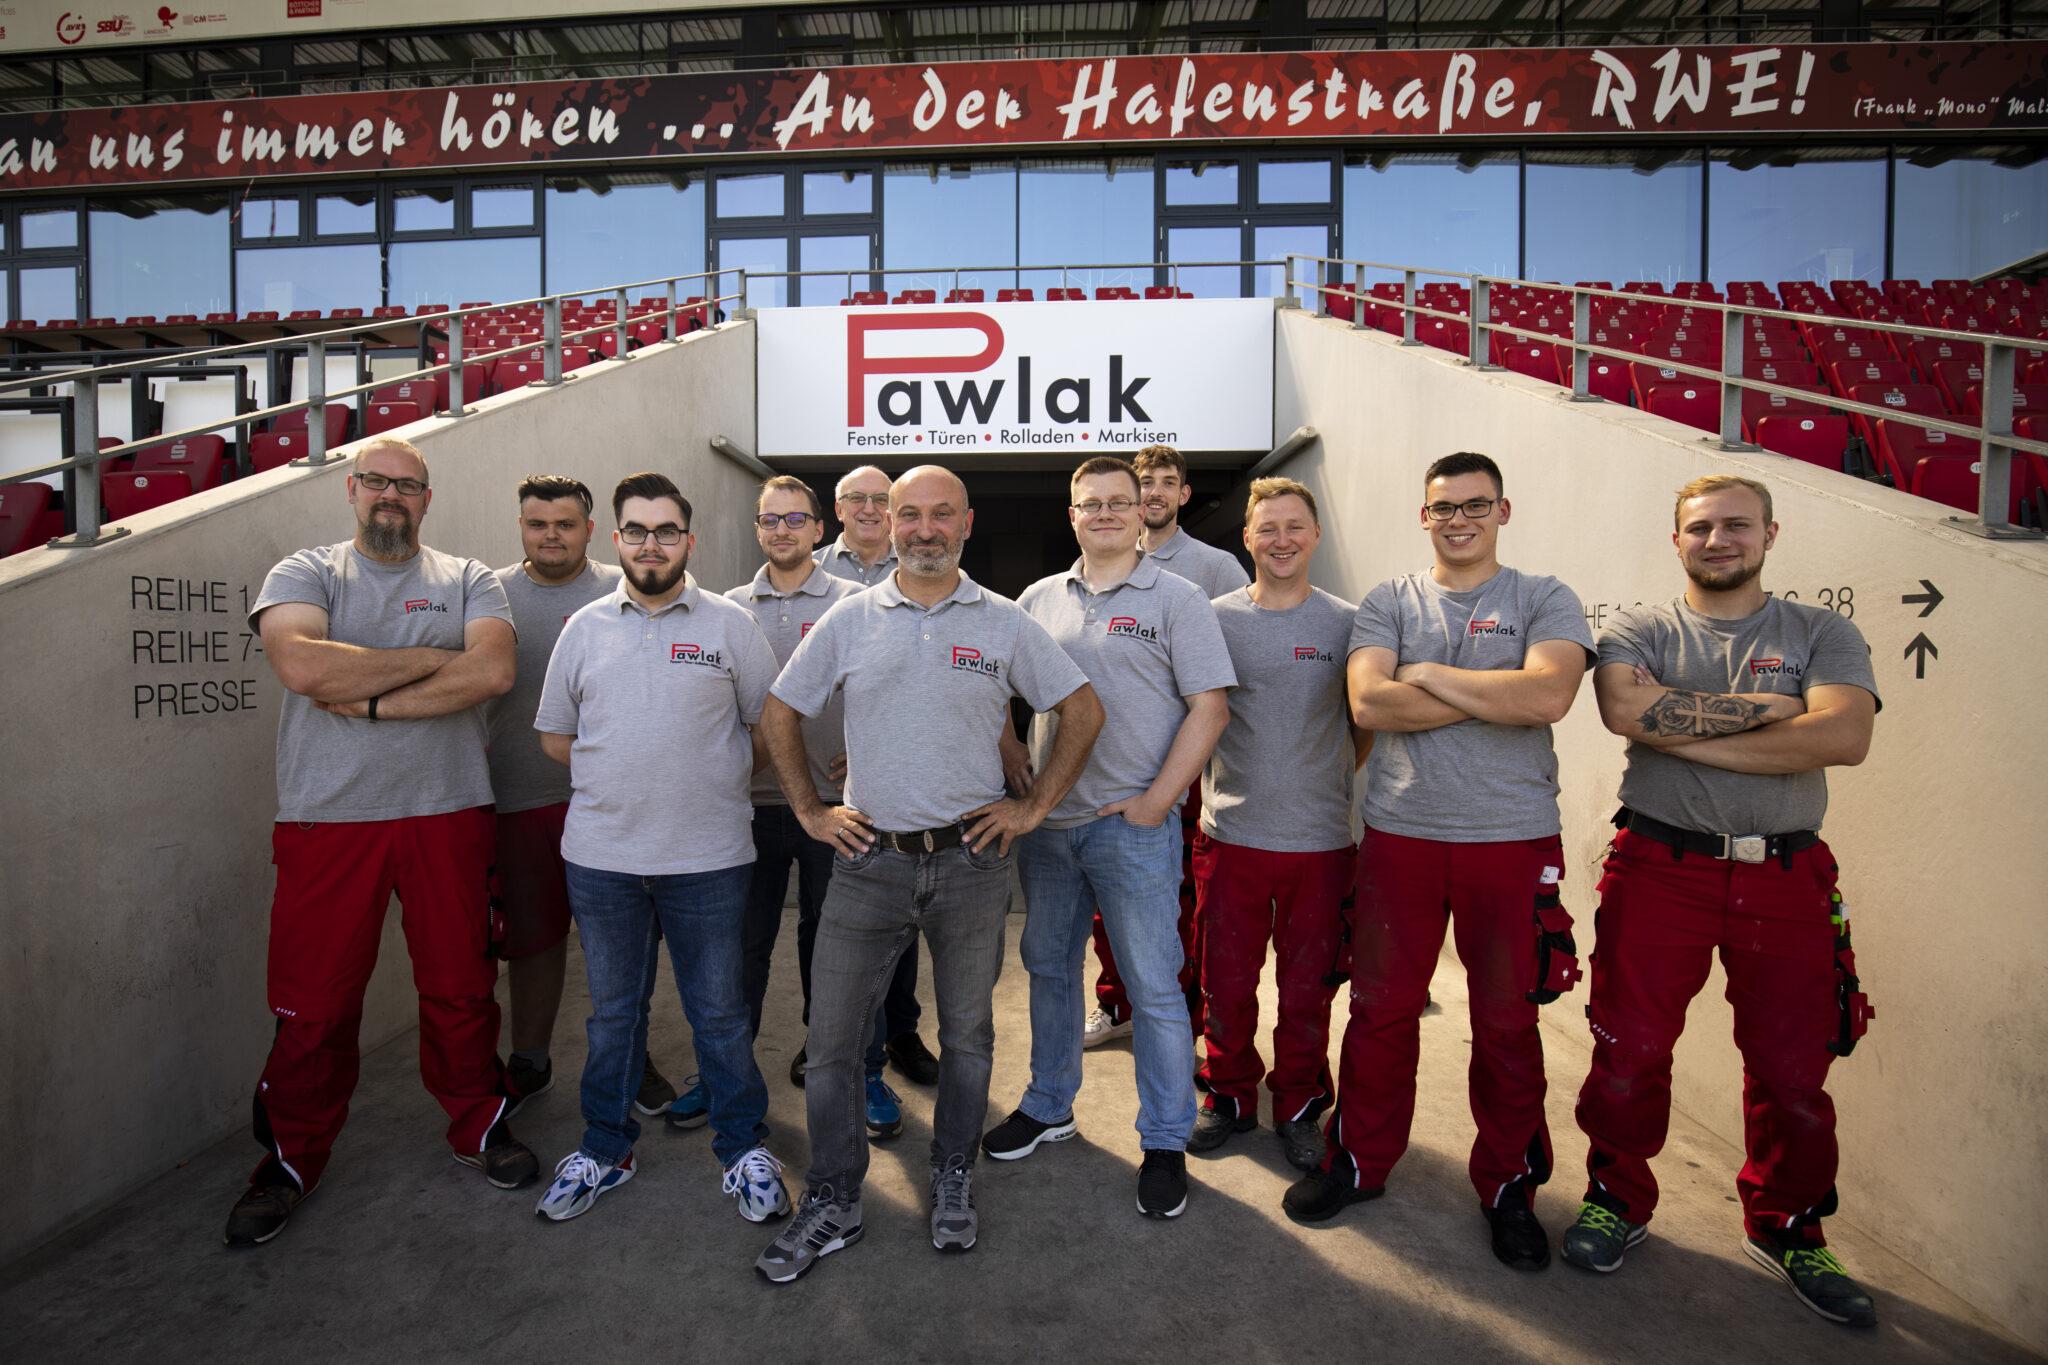 RWE baut auf Rolladen Pawlak – Rot-Weiss Essen